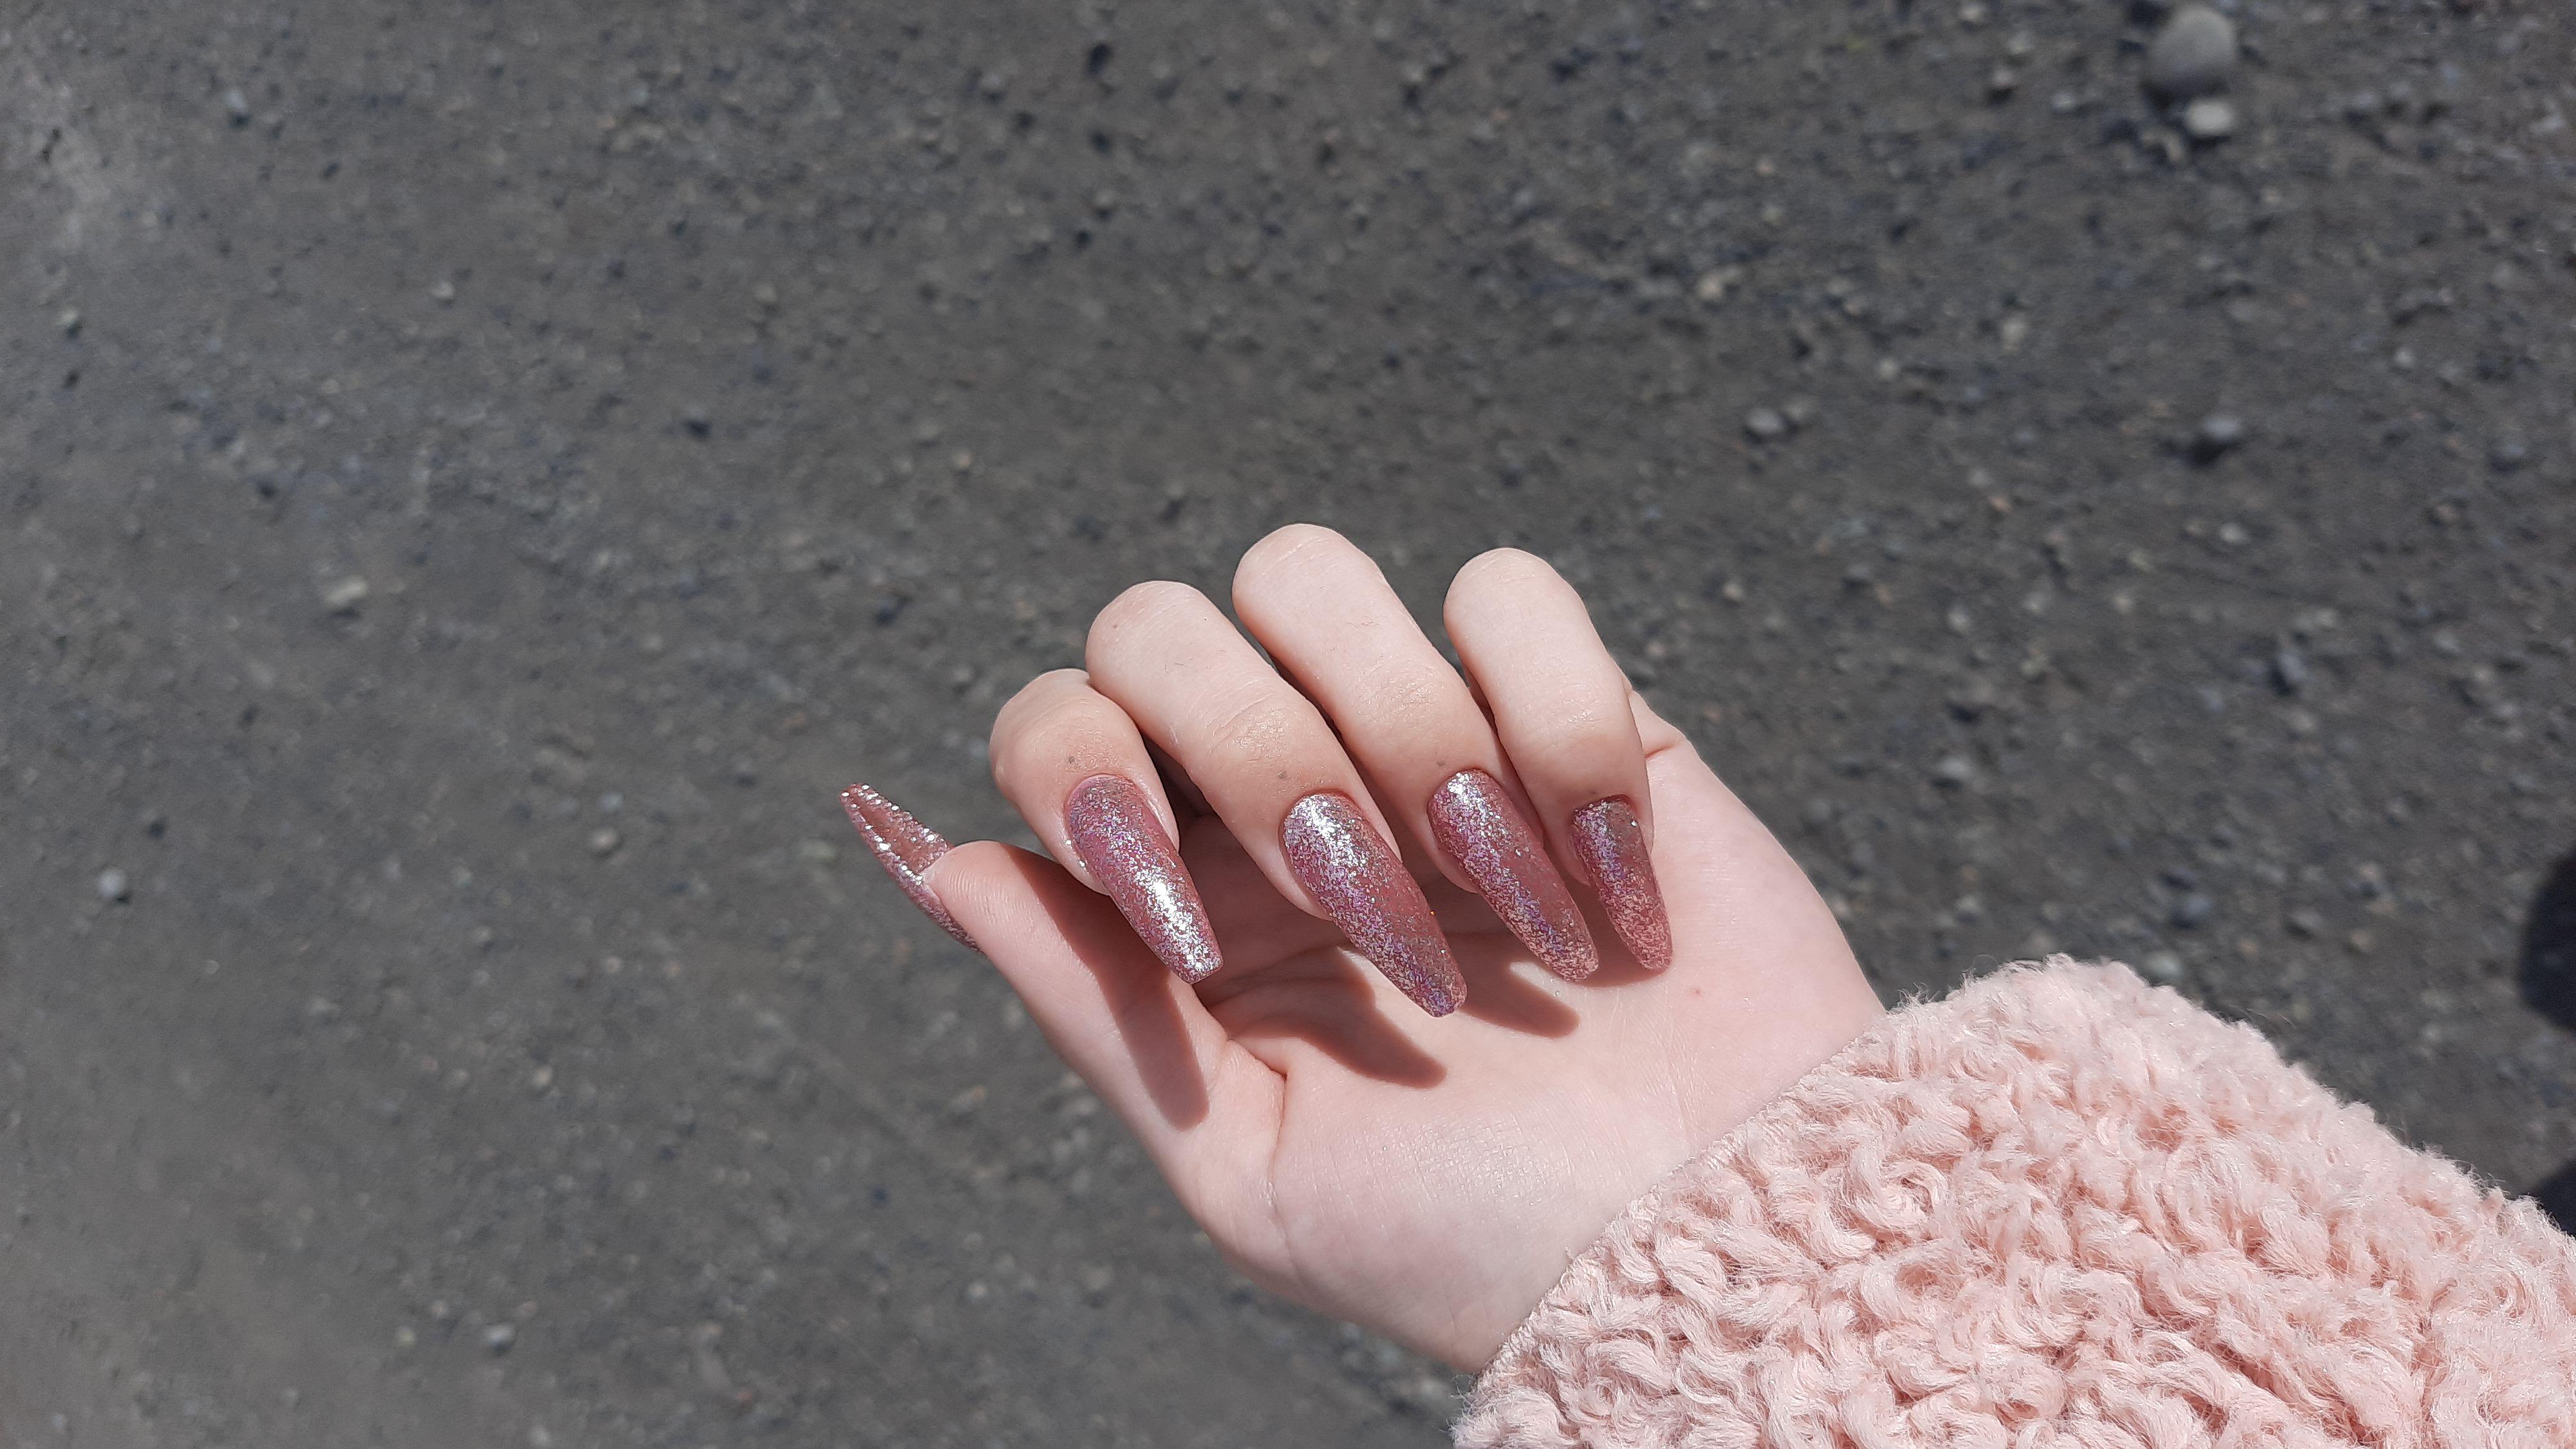 Маникюр с блестками в коричневом цвете на длинные ногти.